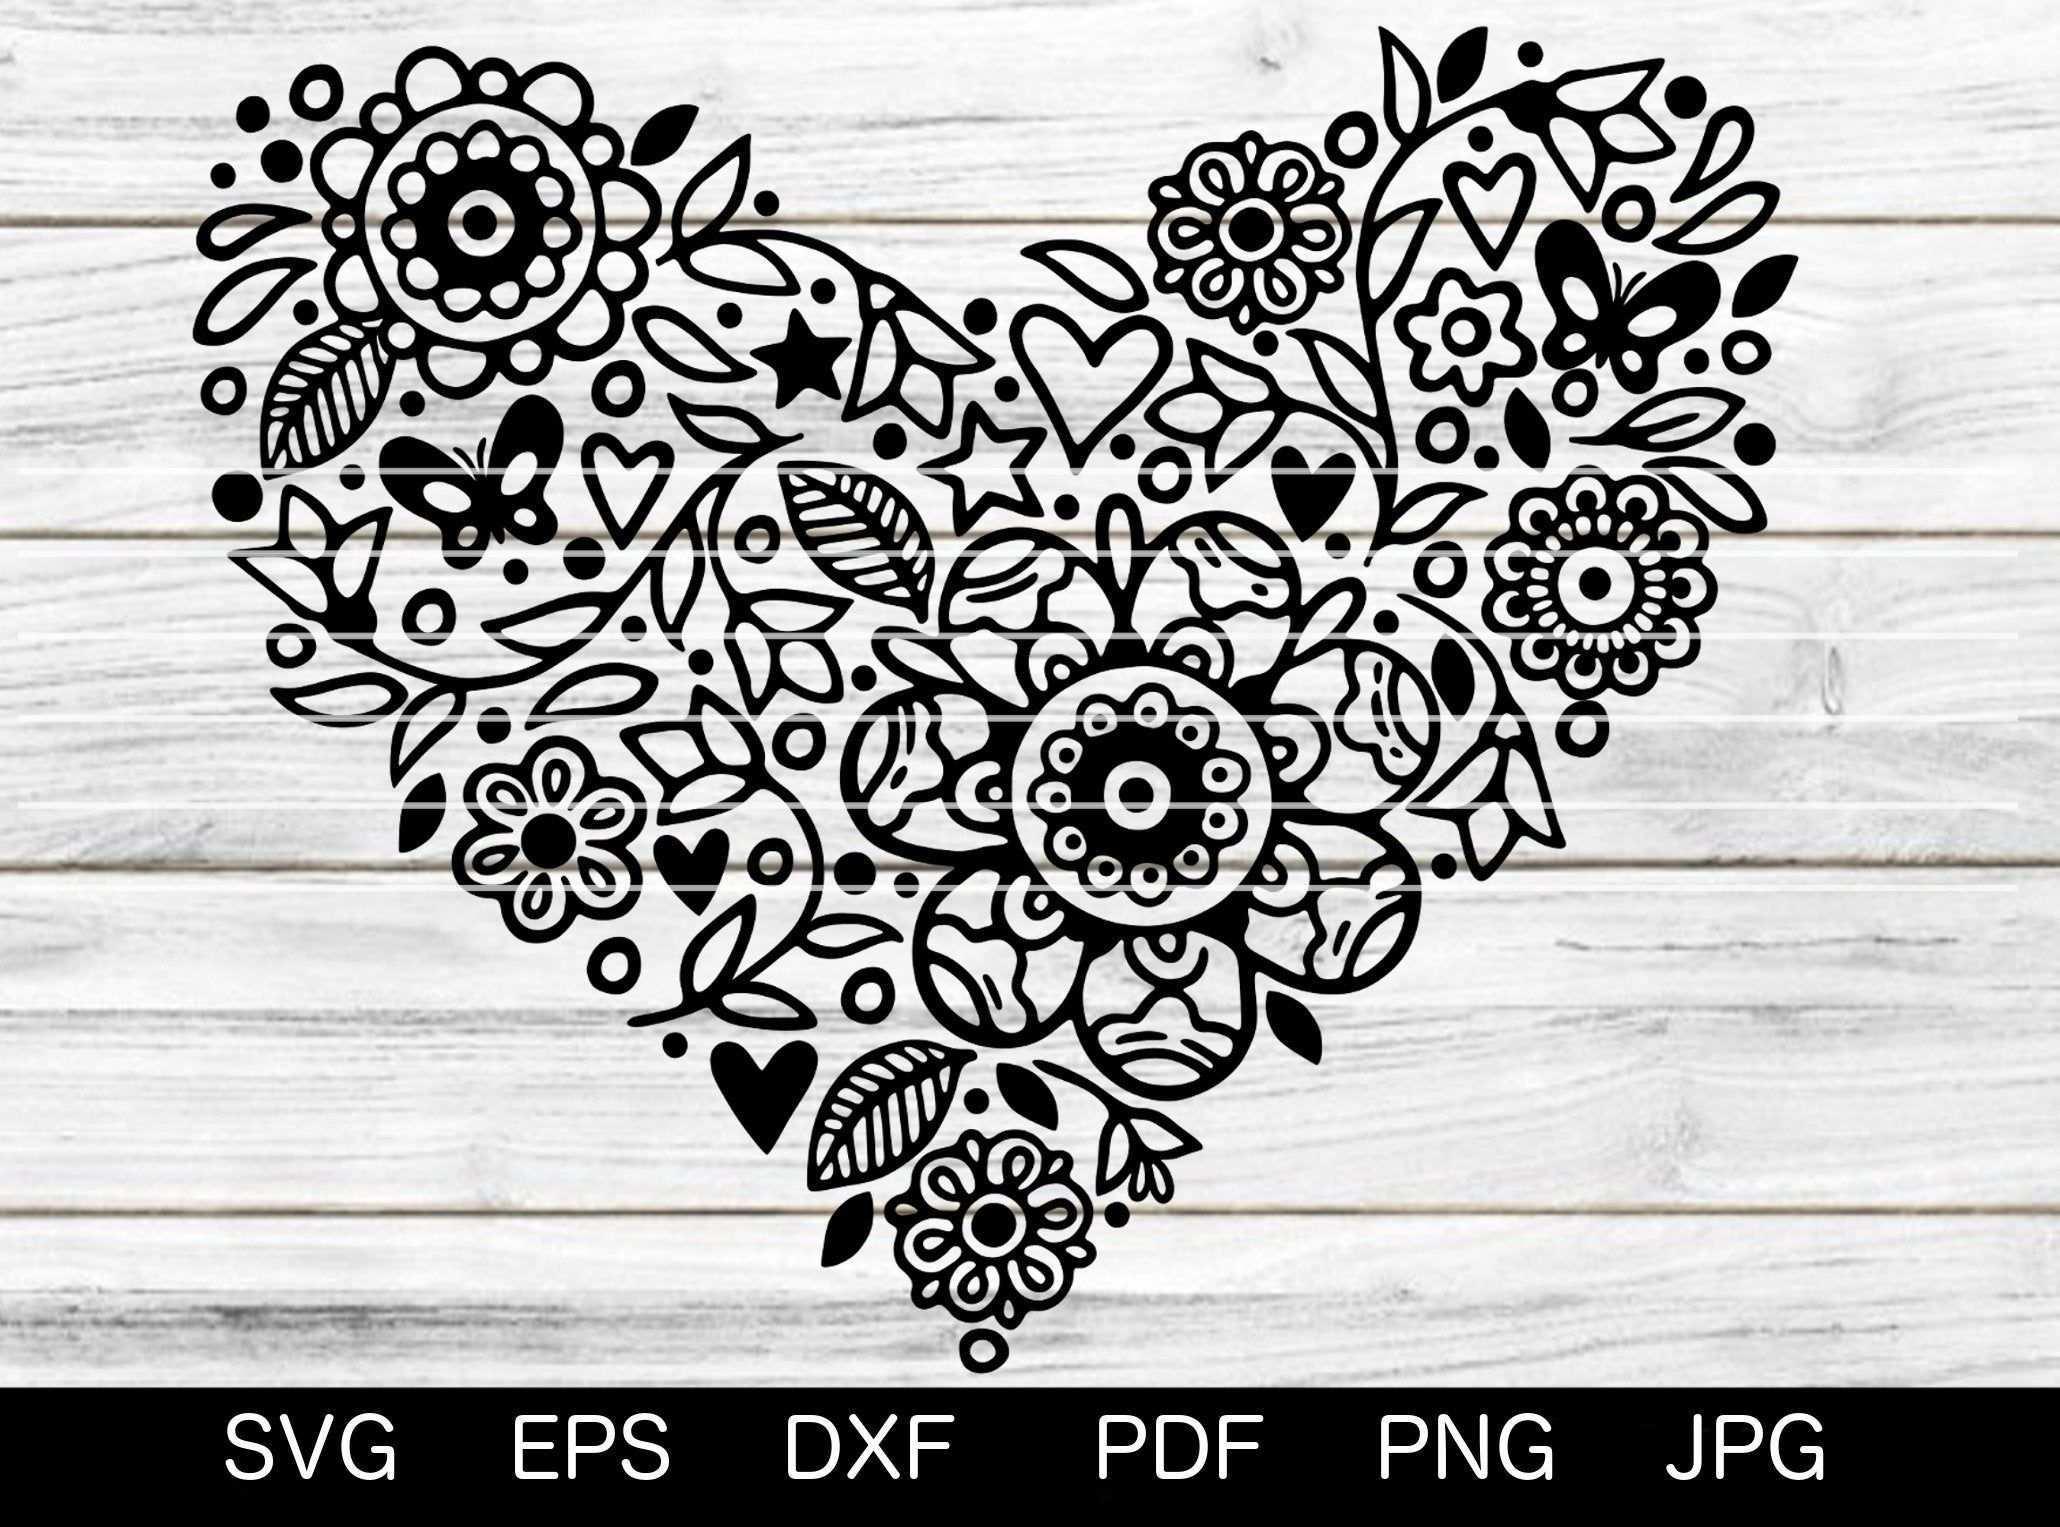 Blumenherz Svg Plotterdatei Blumen Herz Muttertag Dekoration Dekoblumen Schnitt Datei Svg Dxf Eps Png Pdf Cricut Silhouette Brother Tapestry Decor Home Decor